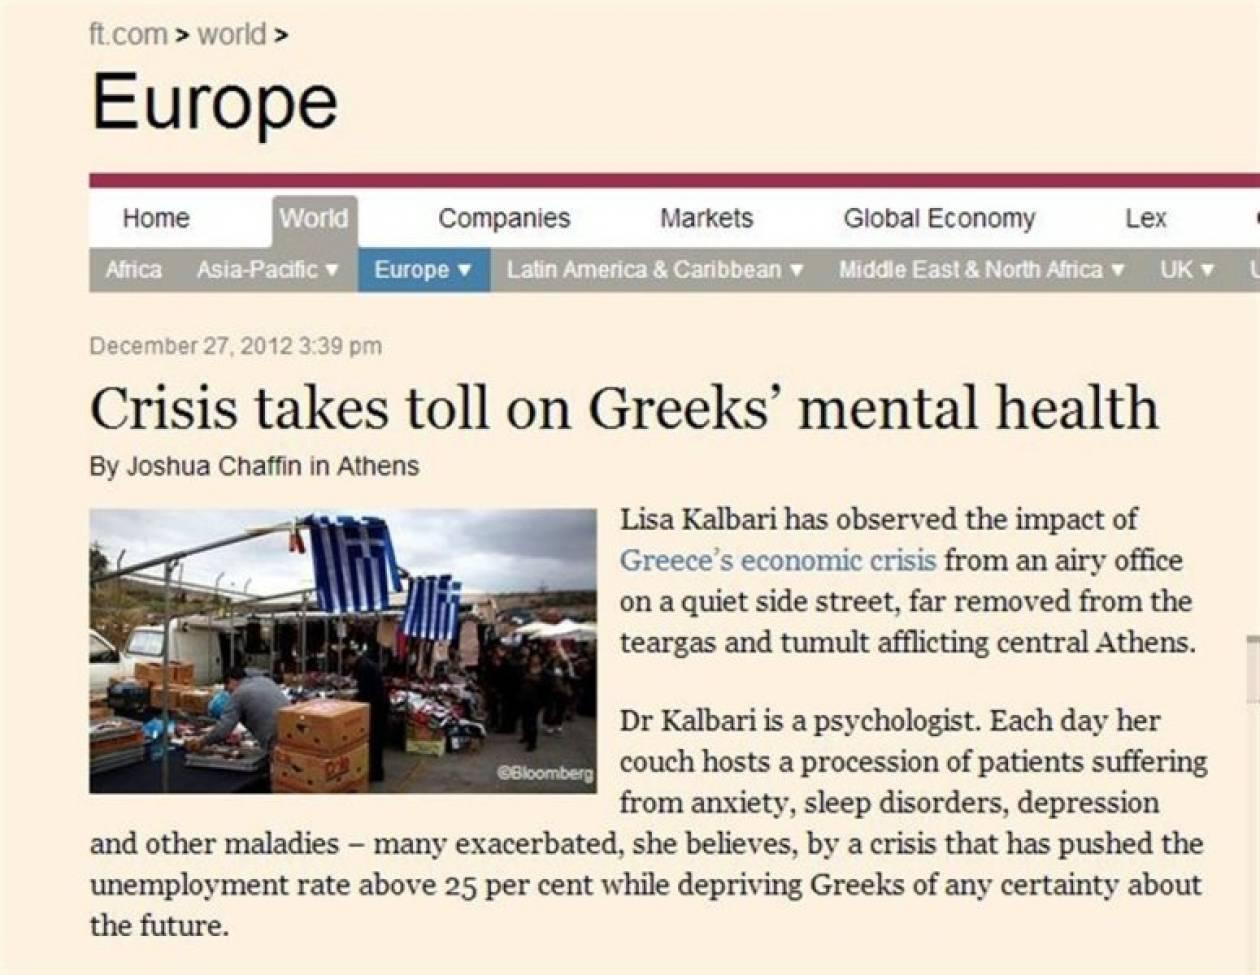 Financial Times για Ελλάδα: Η κρίση έφερε αυτοκτονίες και κατάθλιψη